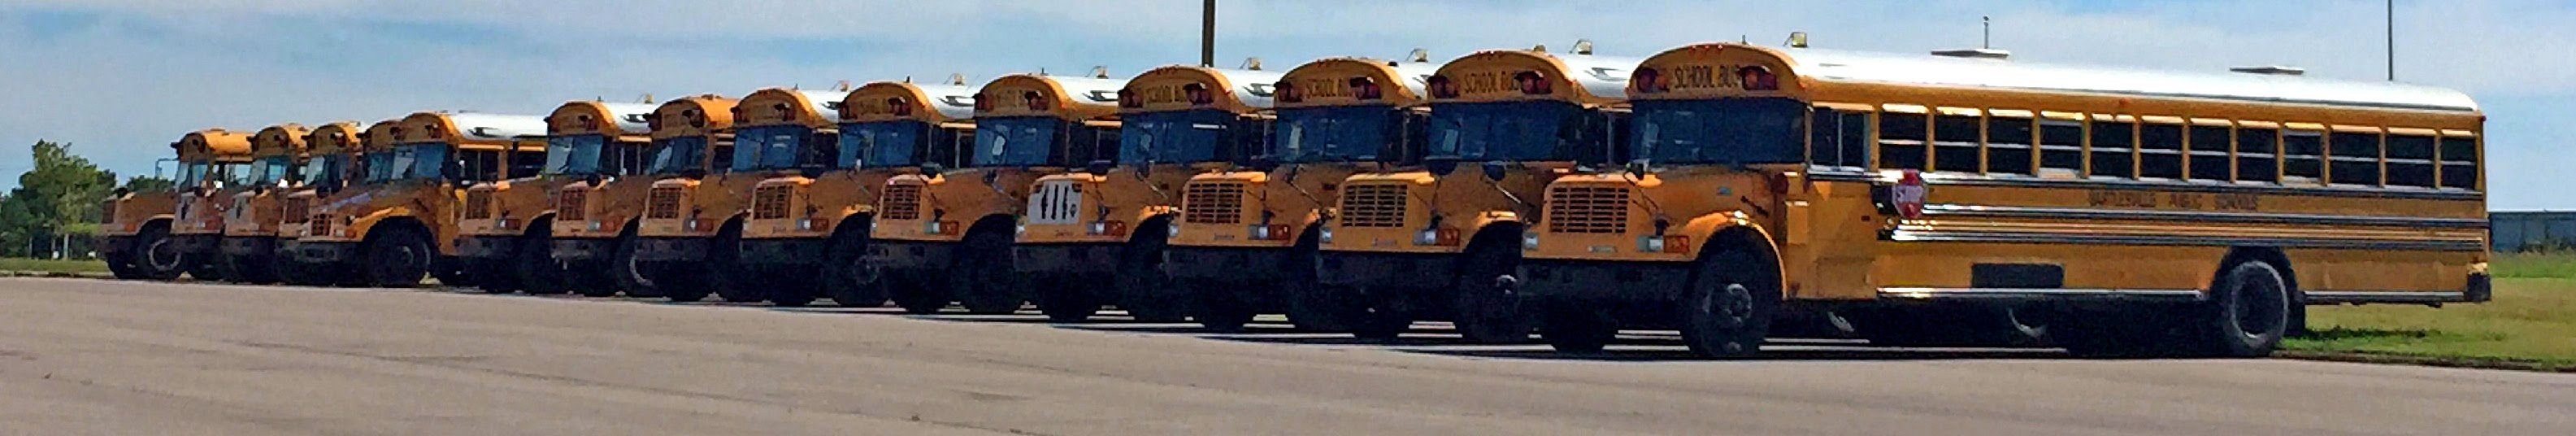 Surplus buses